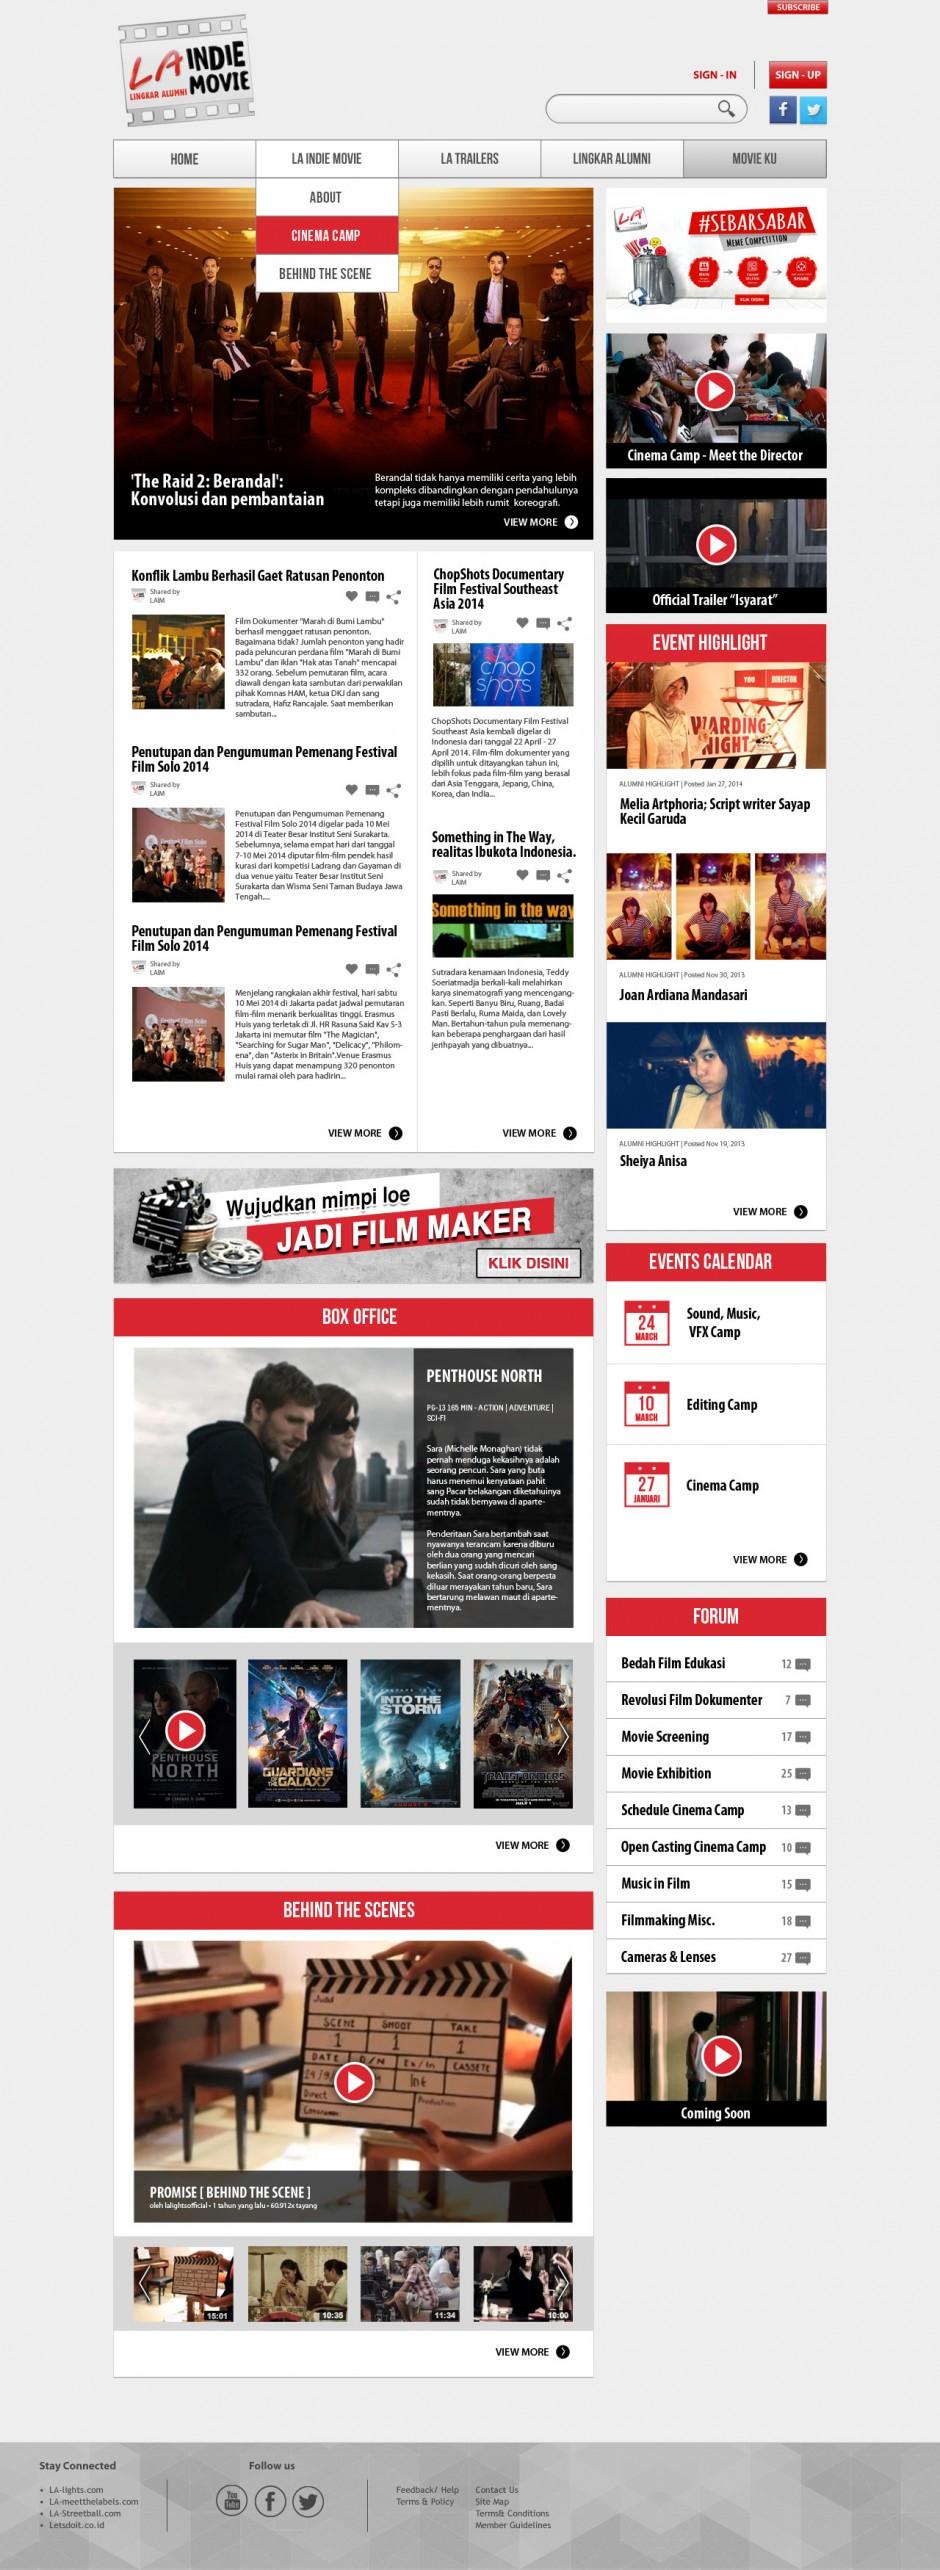 LA_Indie_movie_pulldown